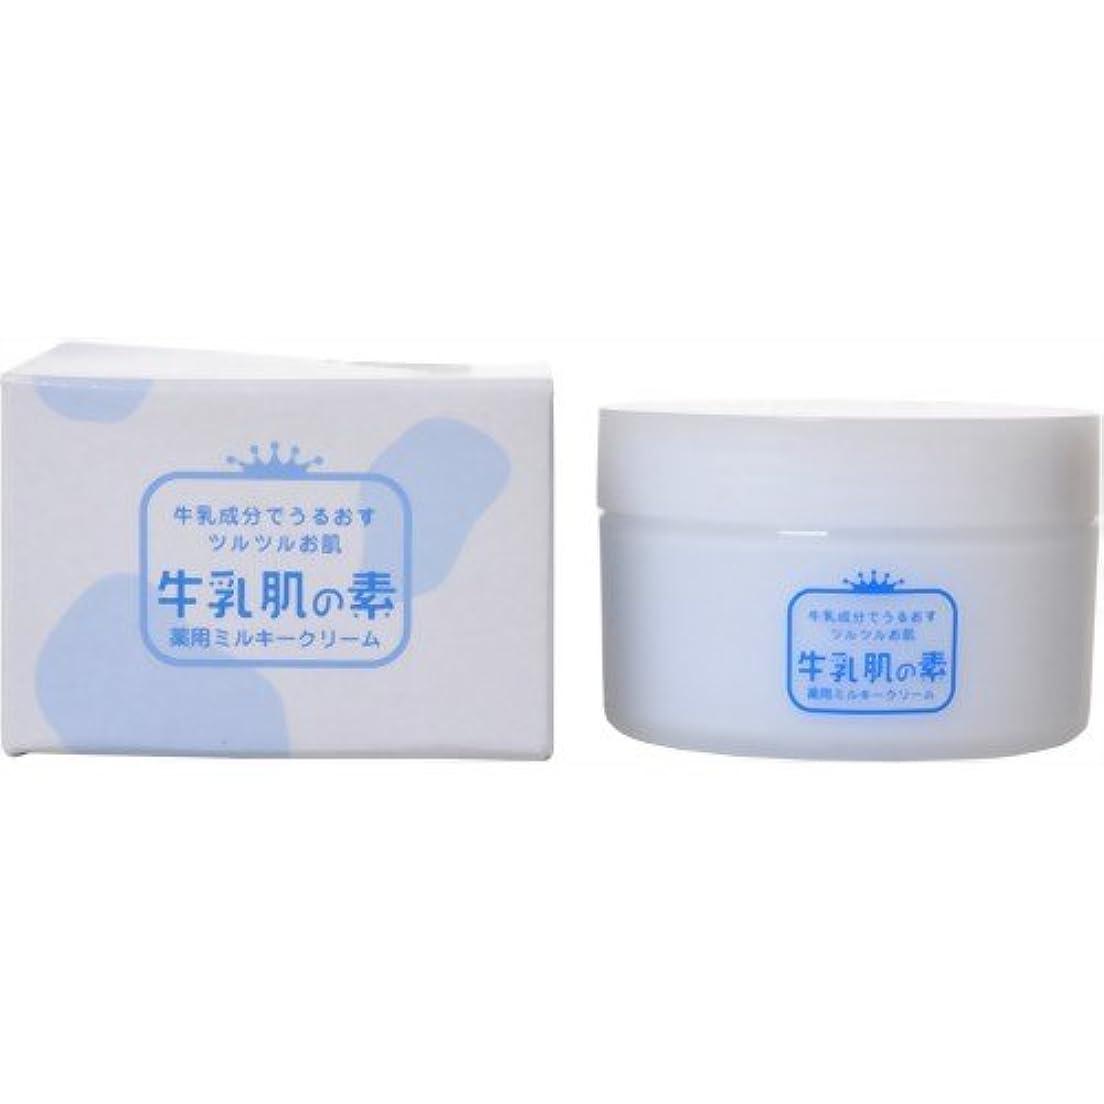 所有権広範囲牛乳肌の素 薬用ミルキークリーム 90g 医薬部外品